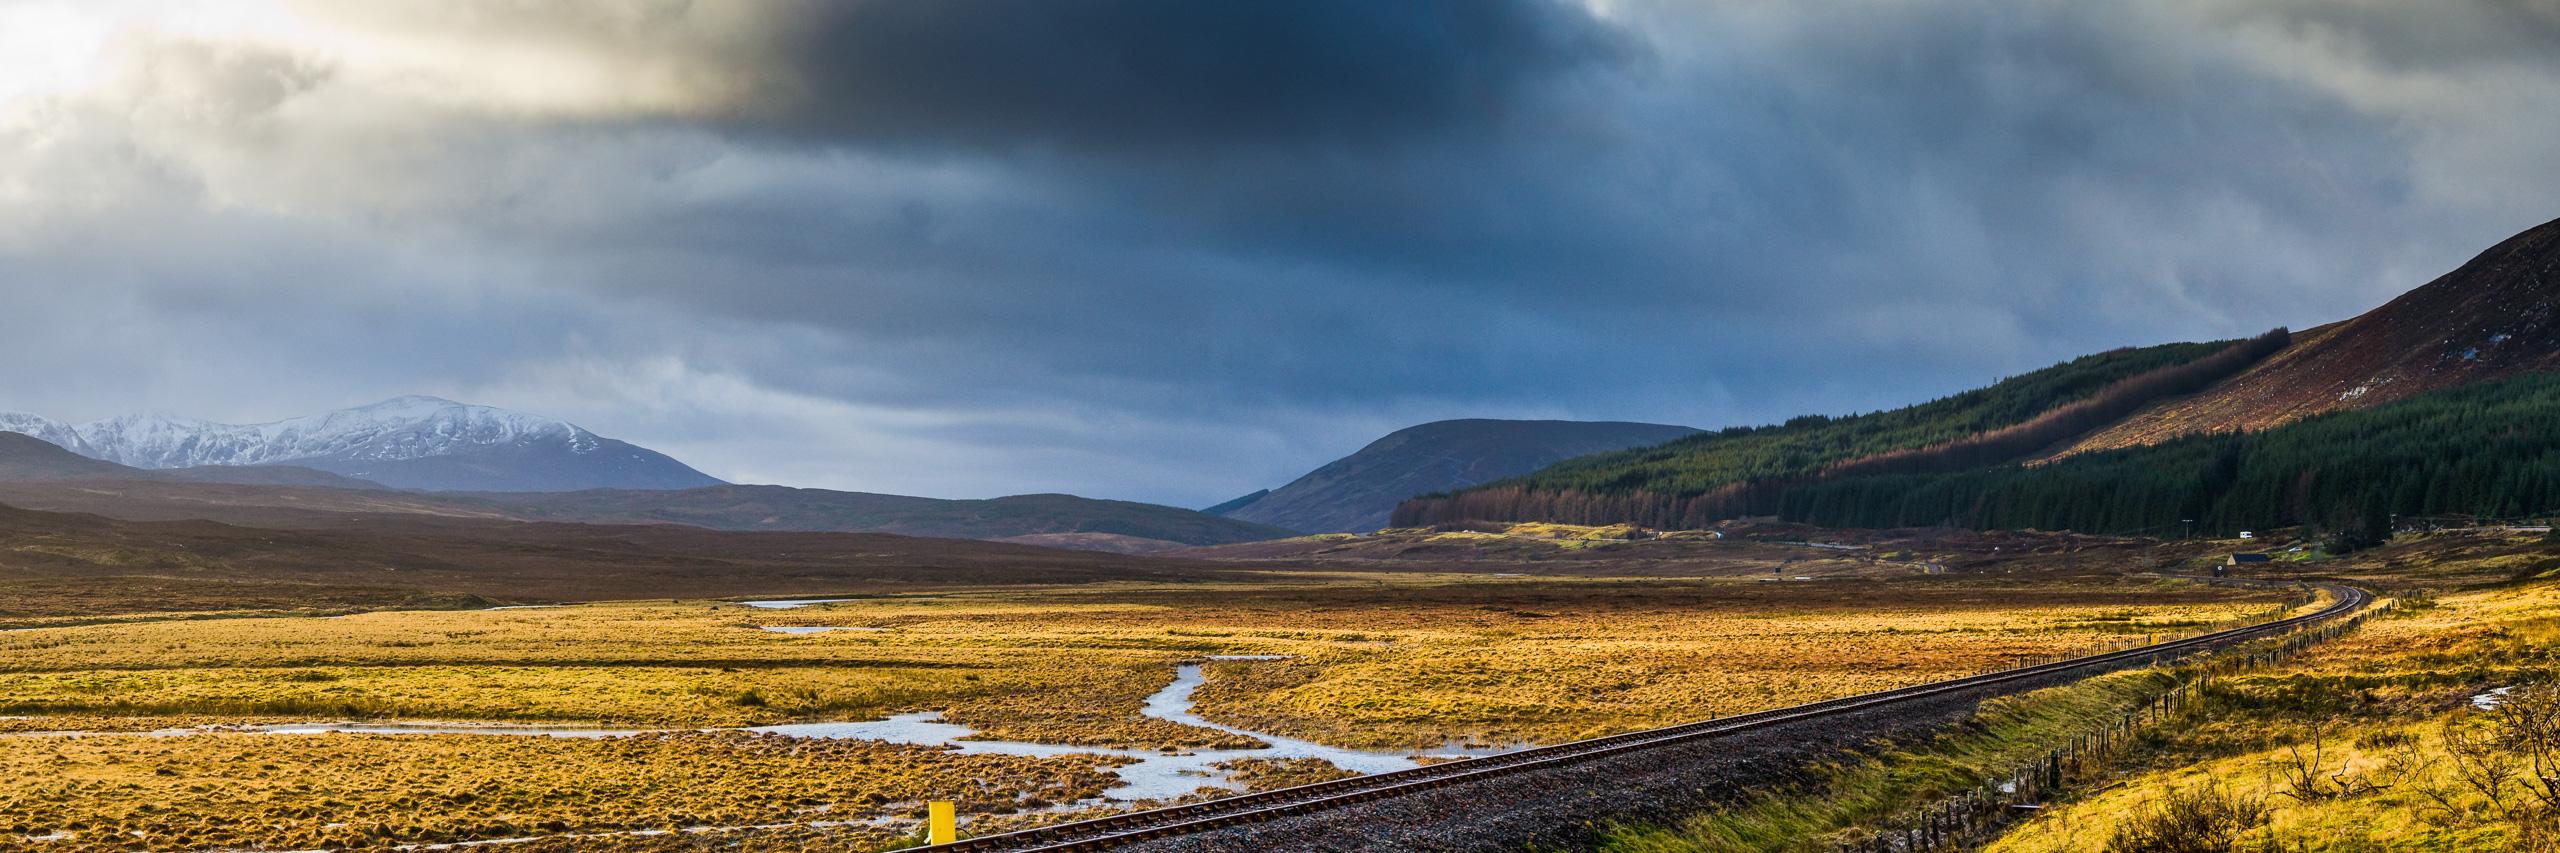 Achanalt, Scotland